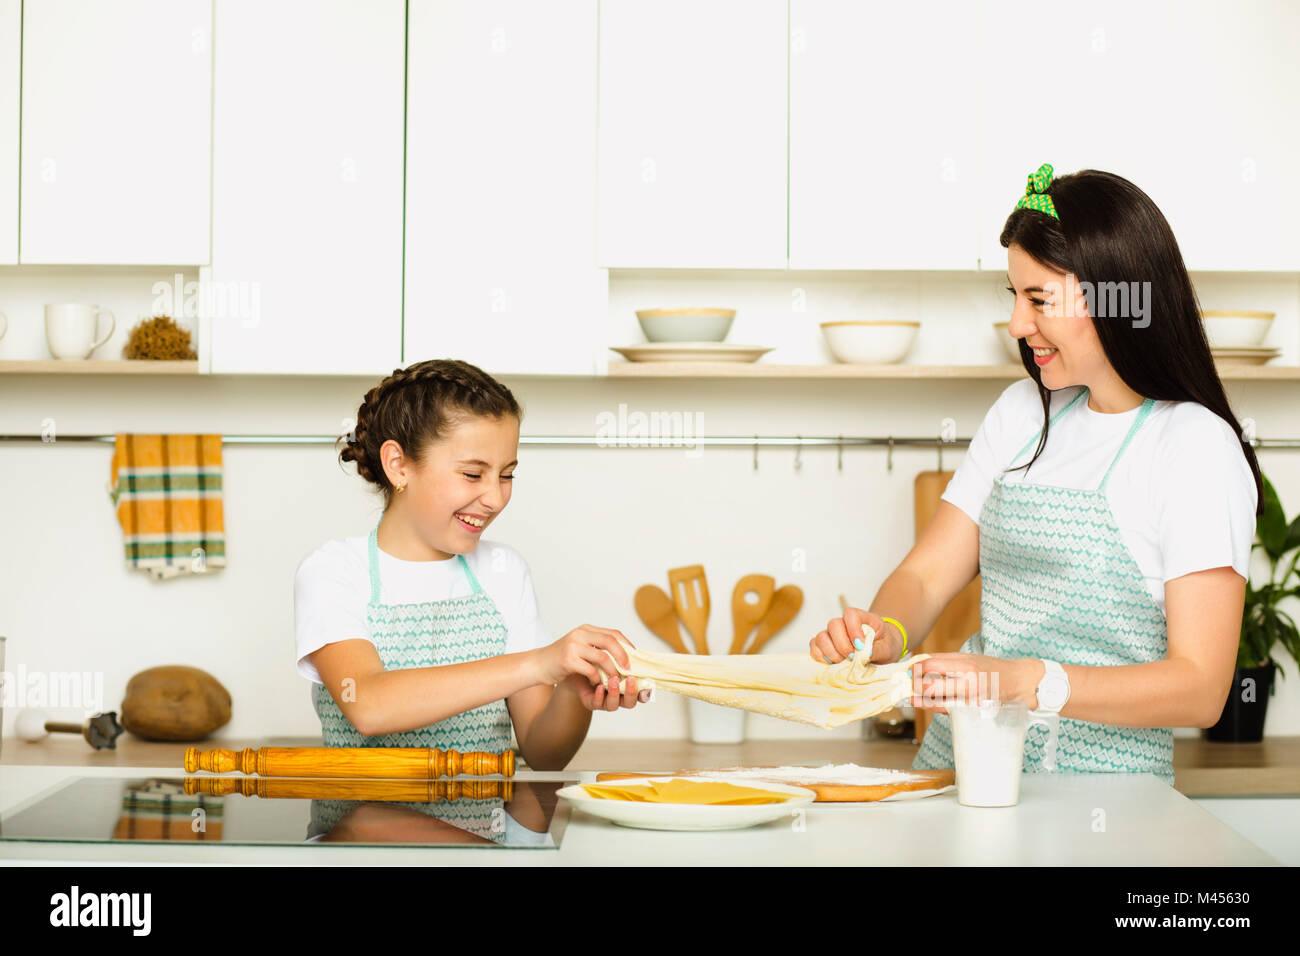 Glückliche Mutter und Tochter Kochen in der Küche Stockbild